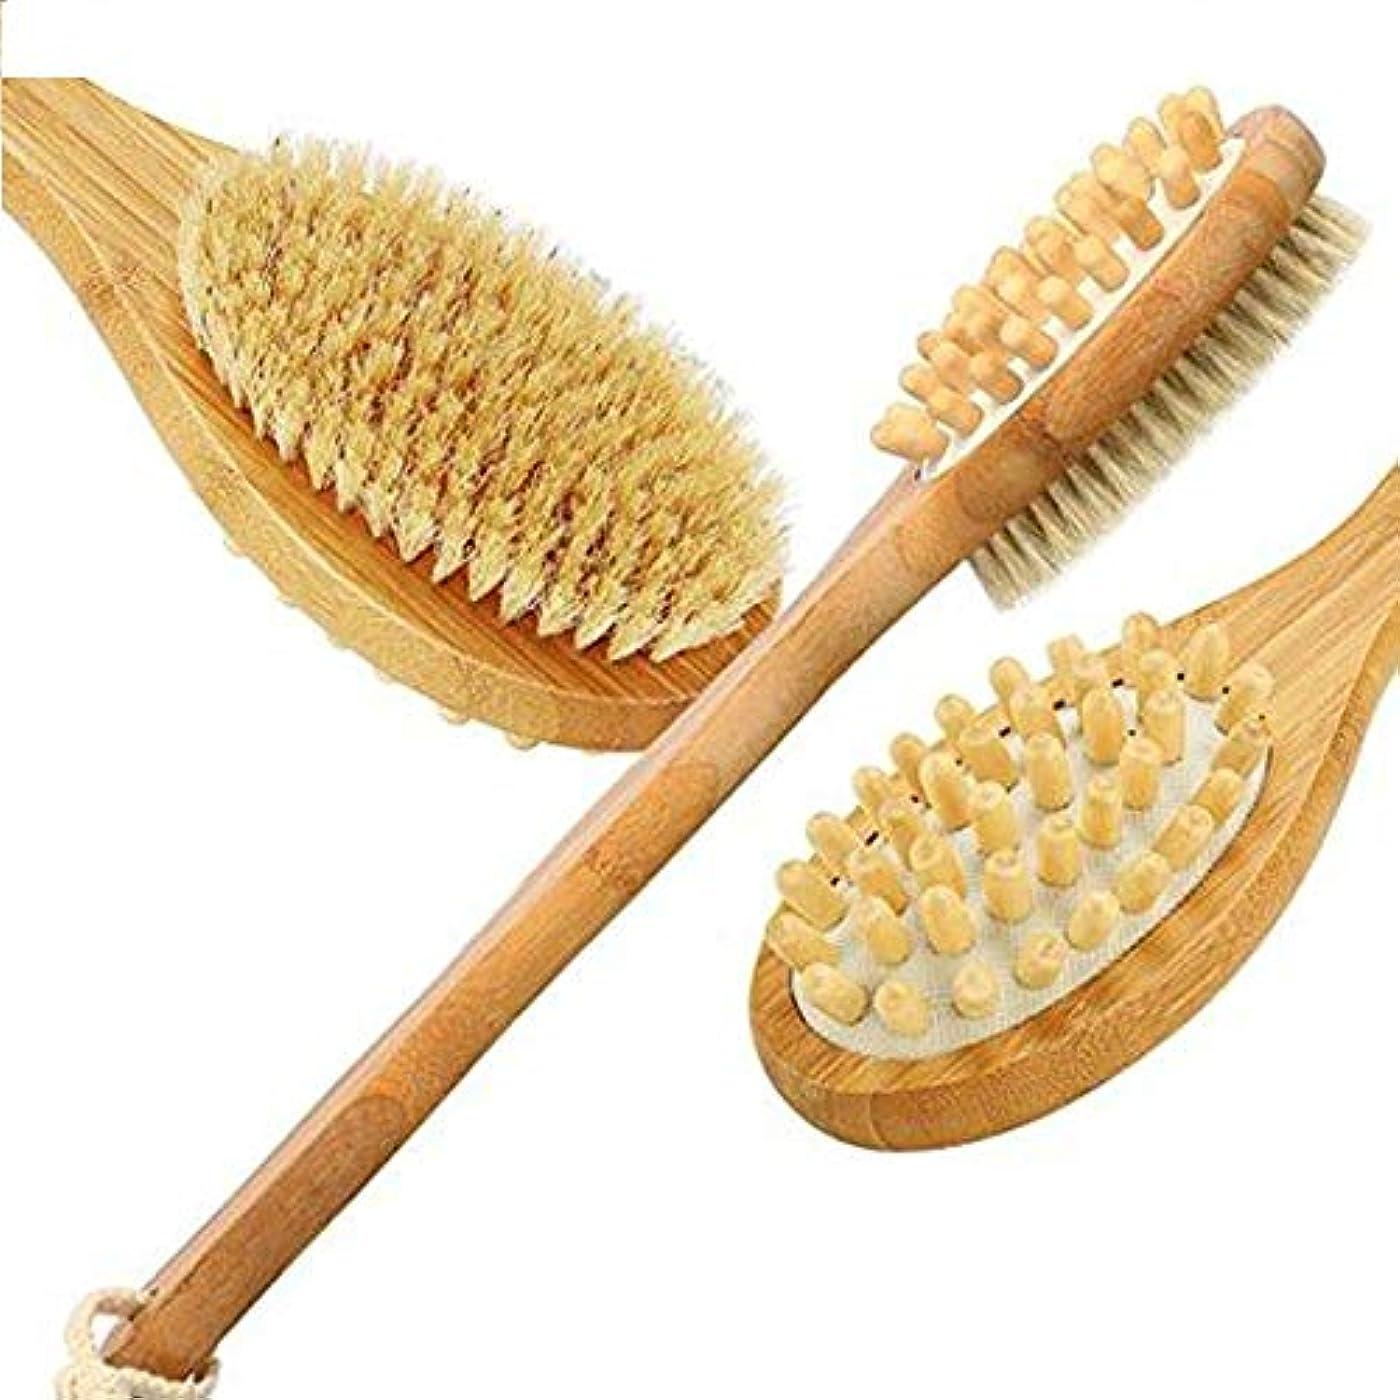 タフ端末彼女自身2 in 1 Body Brush for Dry Skin Brushing Back Scrubber Dead Skin Remover Exfoliating Cellulite Bamboo Bath Brush with Long Handle ドライスキンブラッシングのためのボディブラシバックスクラバースキンエクスフォリエイティングセルライトロングハンドルのブラシ